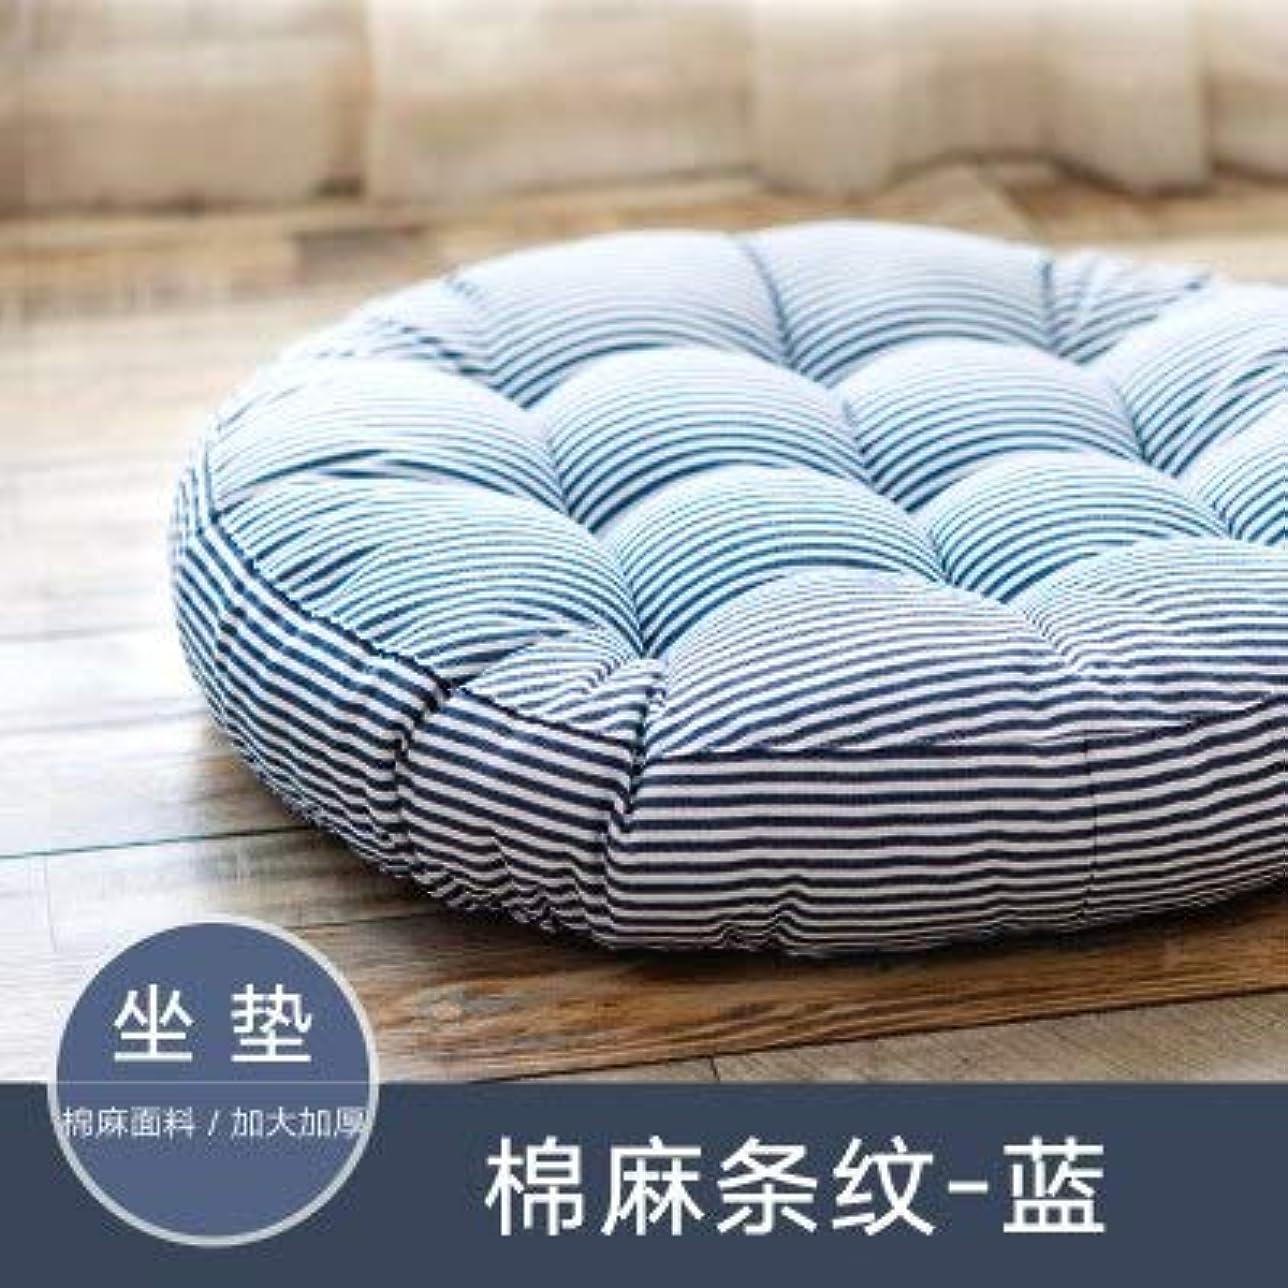 普及特異な教えてLIFE ラウンド厚い椅子のクッションフロアマットレスシートパッドソフトホームオフィスチェアクッションマットソフトスロー枕最高品質の床クッション クッション 椅子